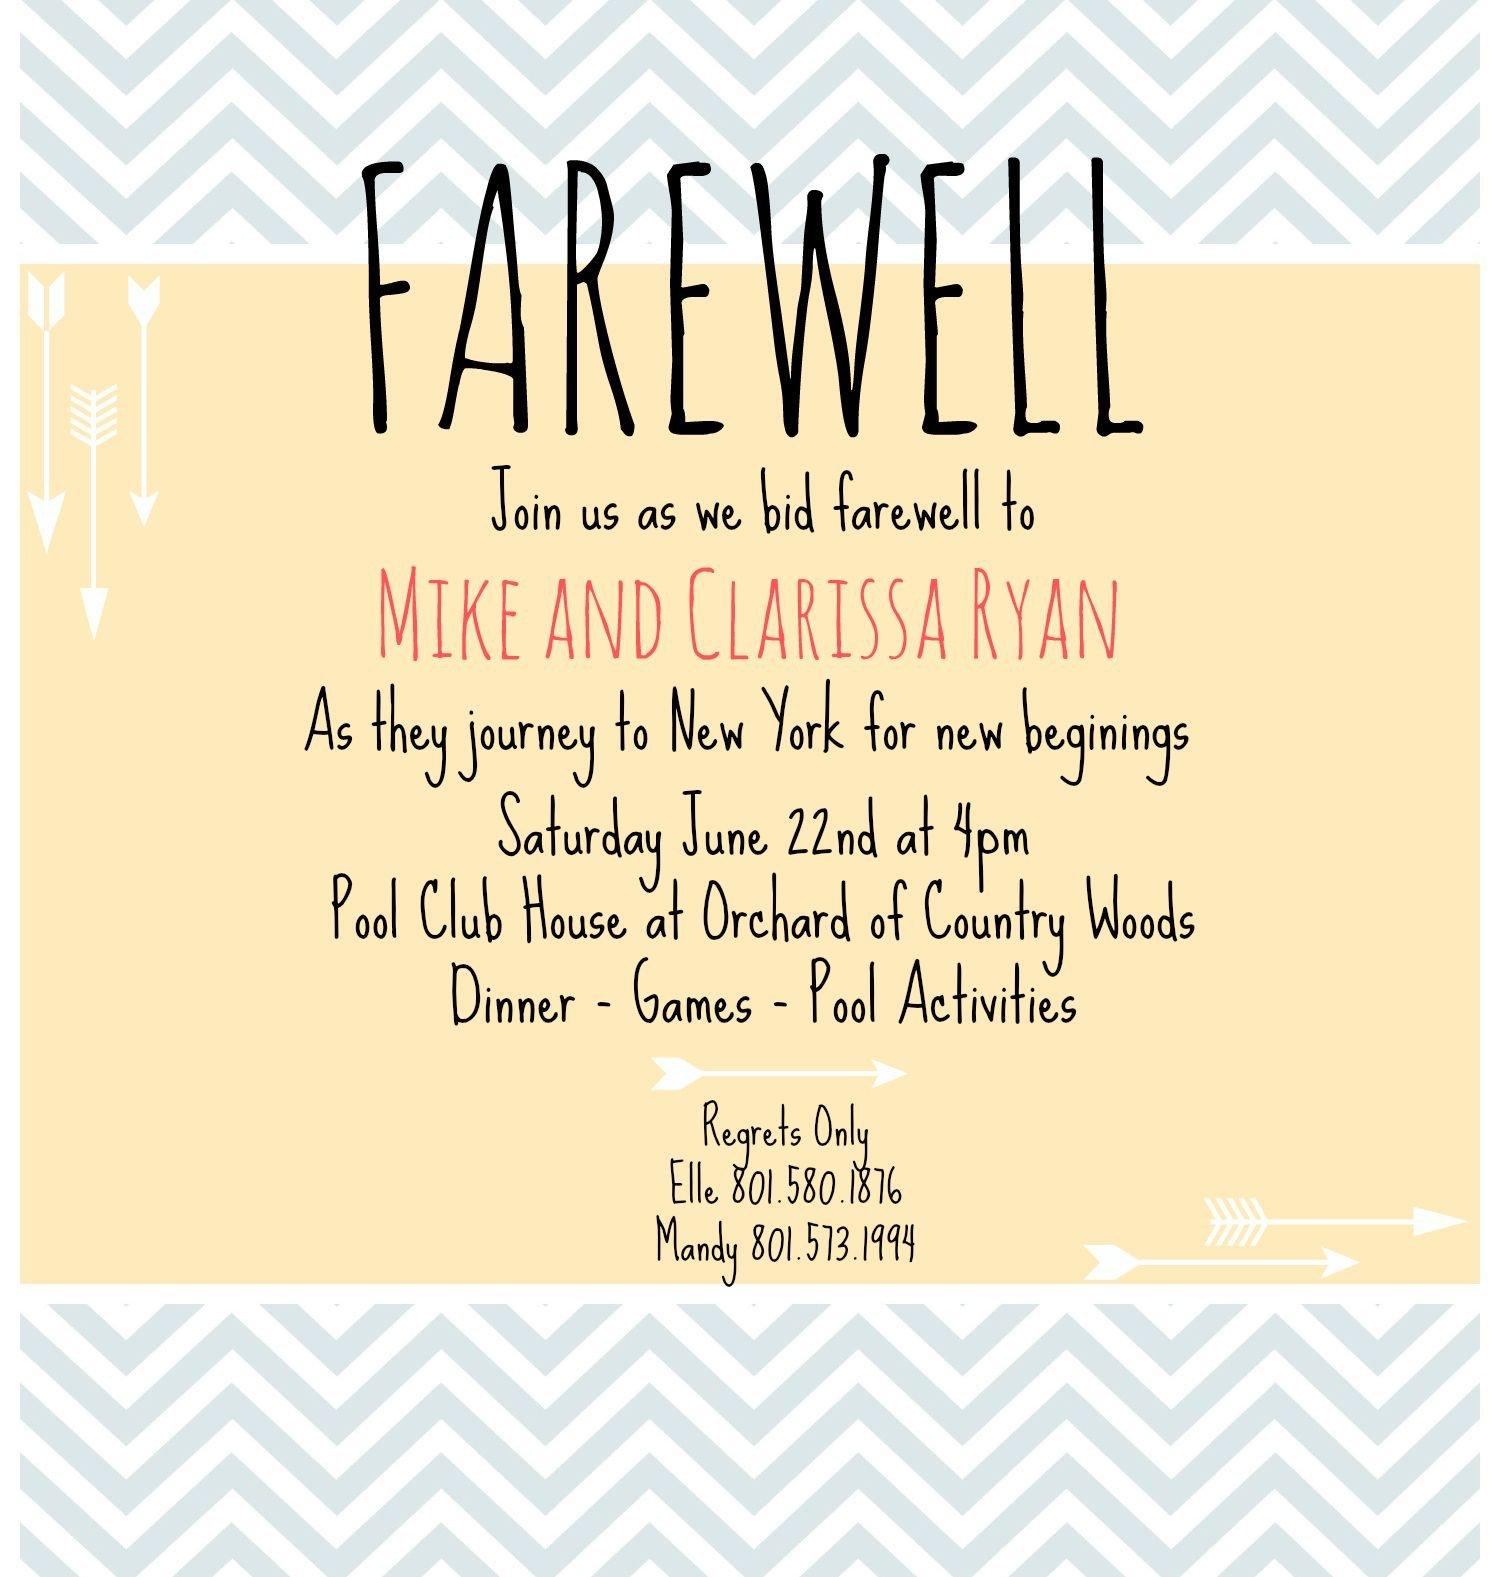 Farewell Invitation Template Free Farewell Invite Picmonkey Creations